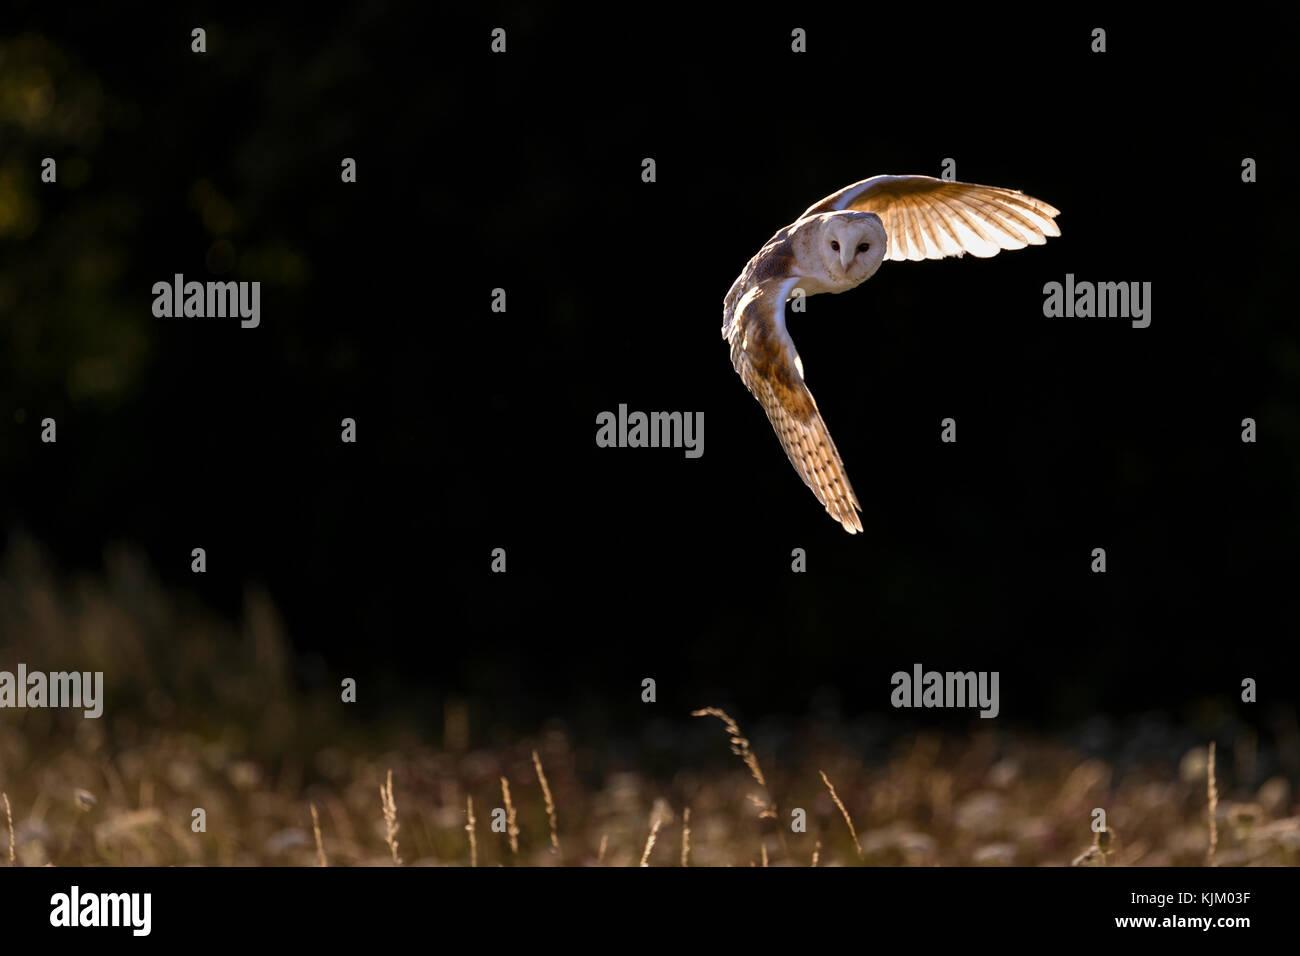 Chouette effraie en vol, rétroéclairé Photo Stock